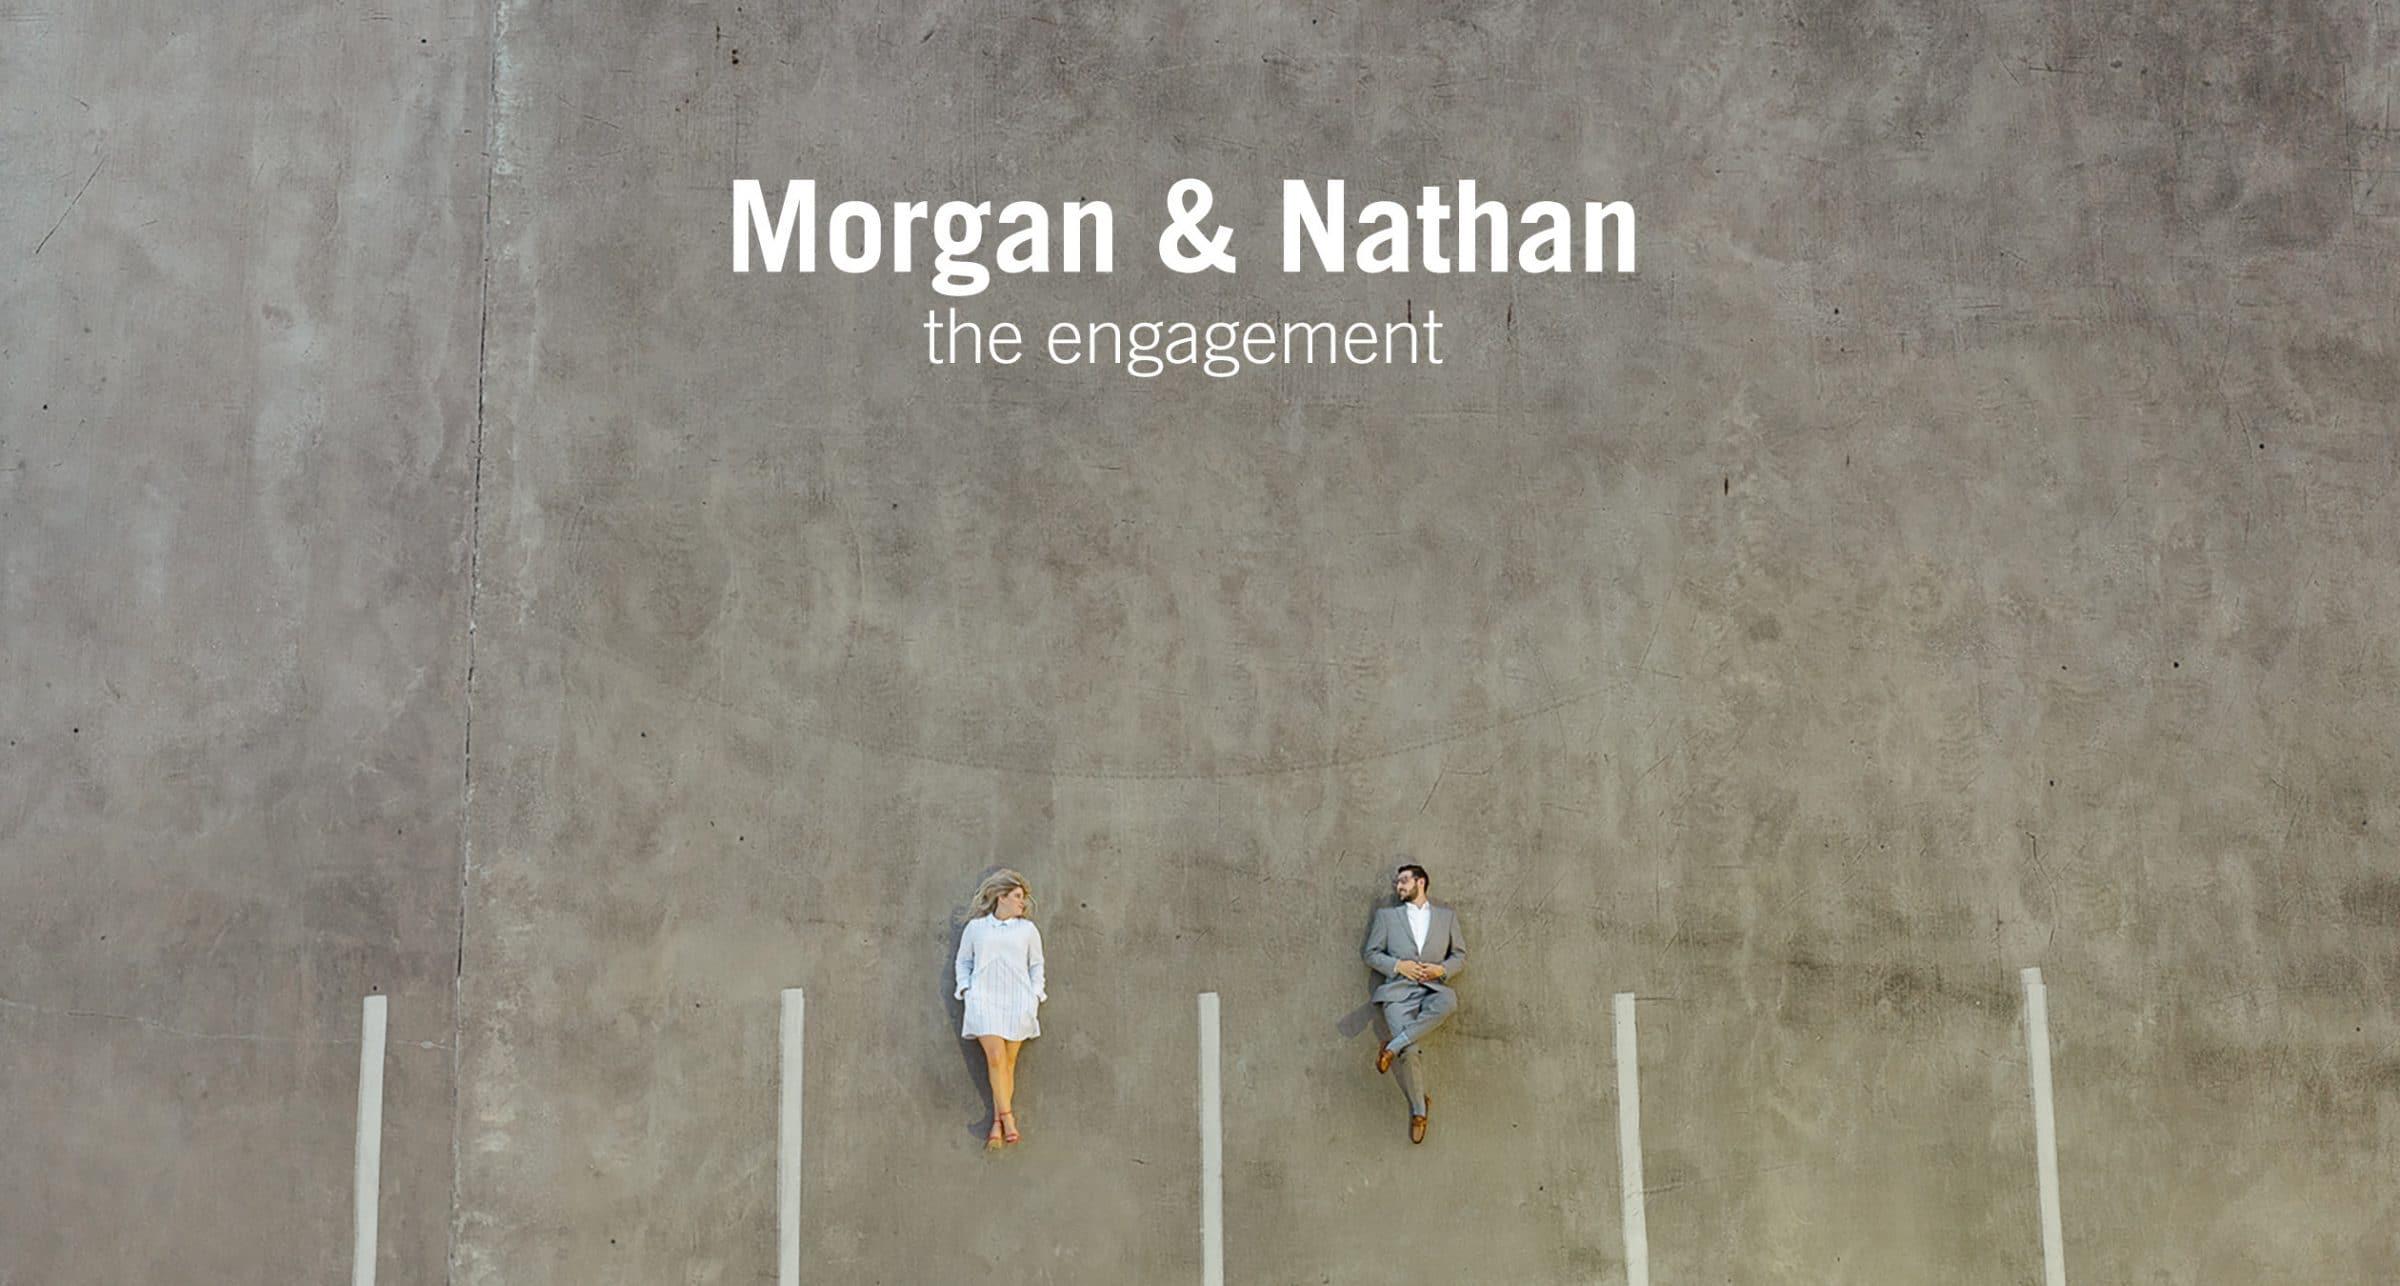 morgan and nathan